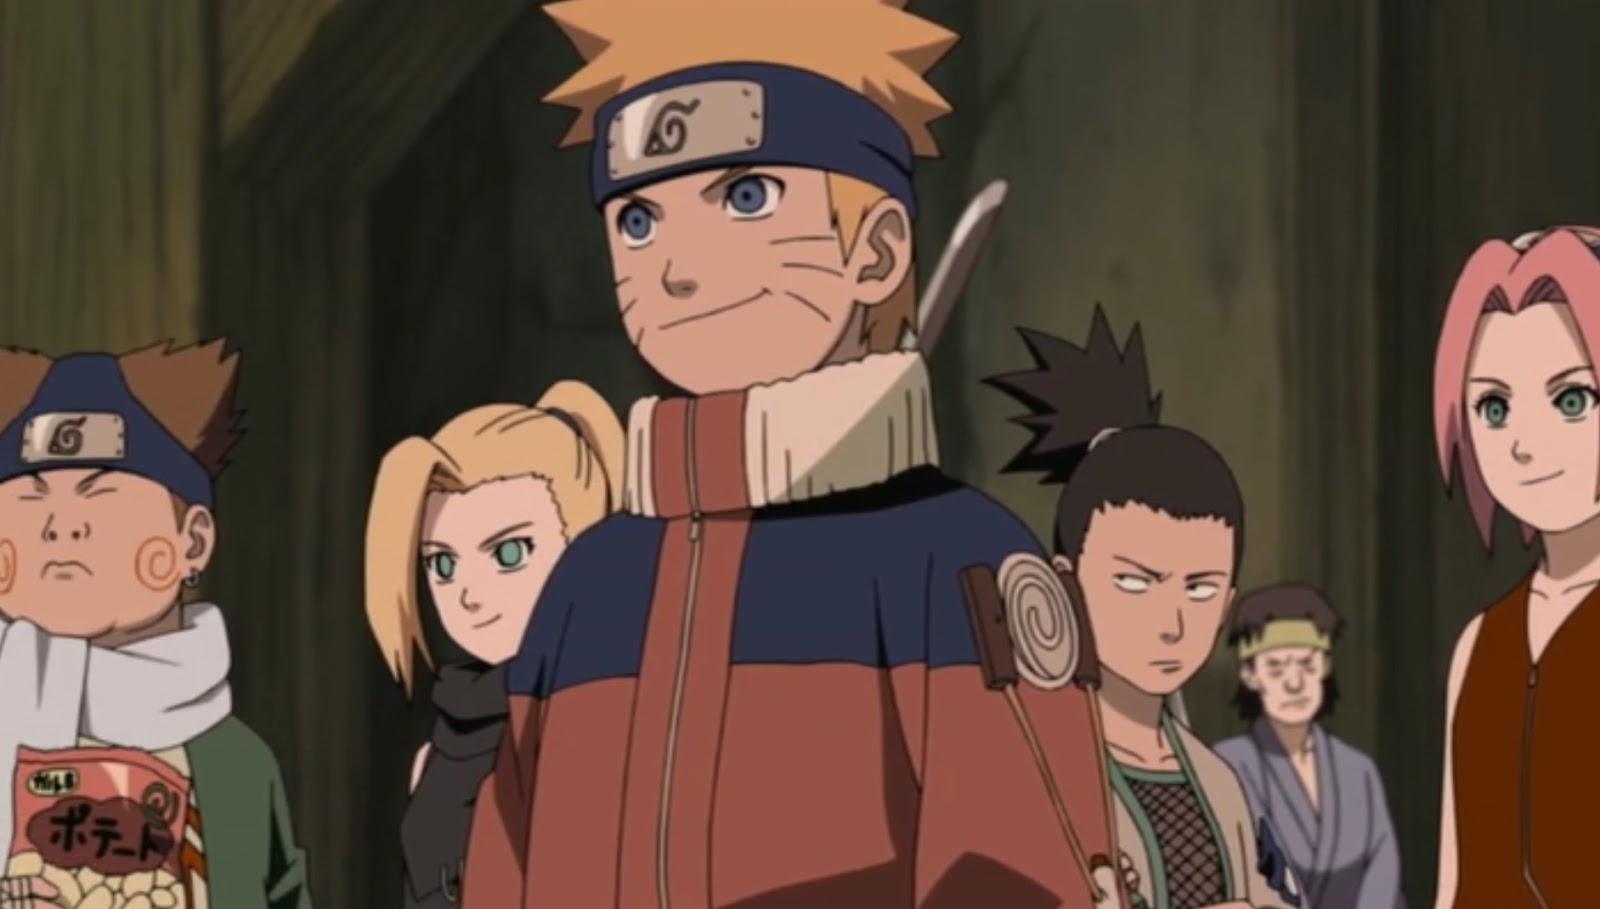 Naruto Shippuden Episódio 195, Assistir Naruto Shippuden Episódio 195, Assistir Naruto Shippuden Todos os Episódios Legendado, Naruto Shippuden episódio 195,HD